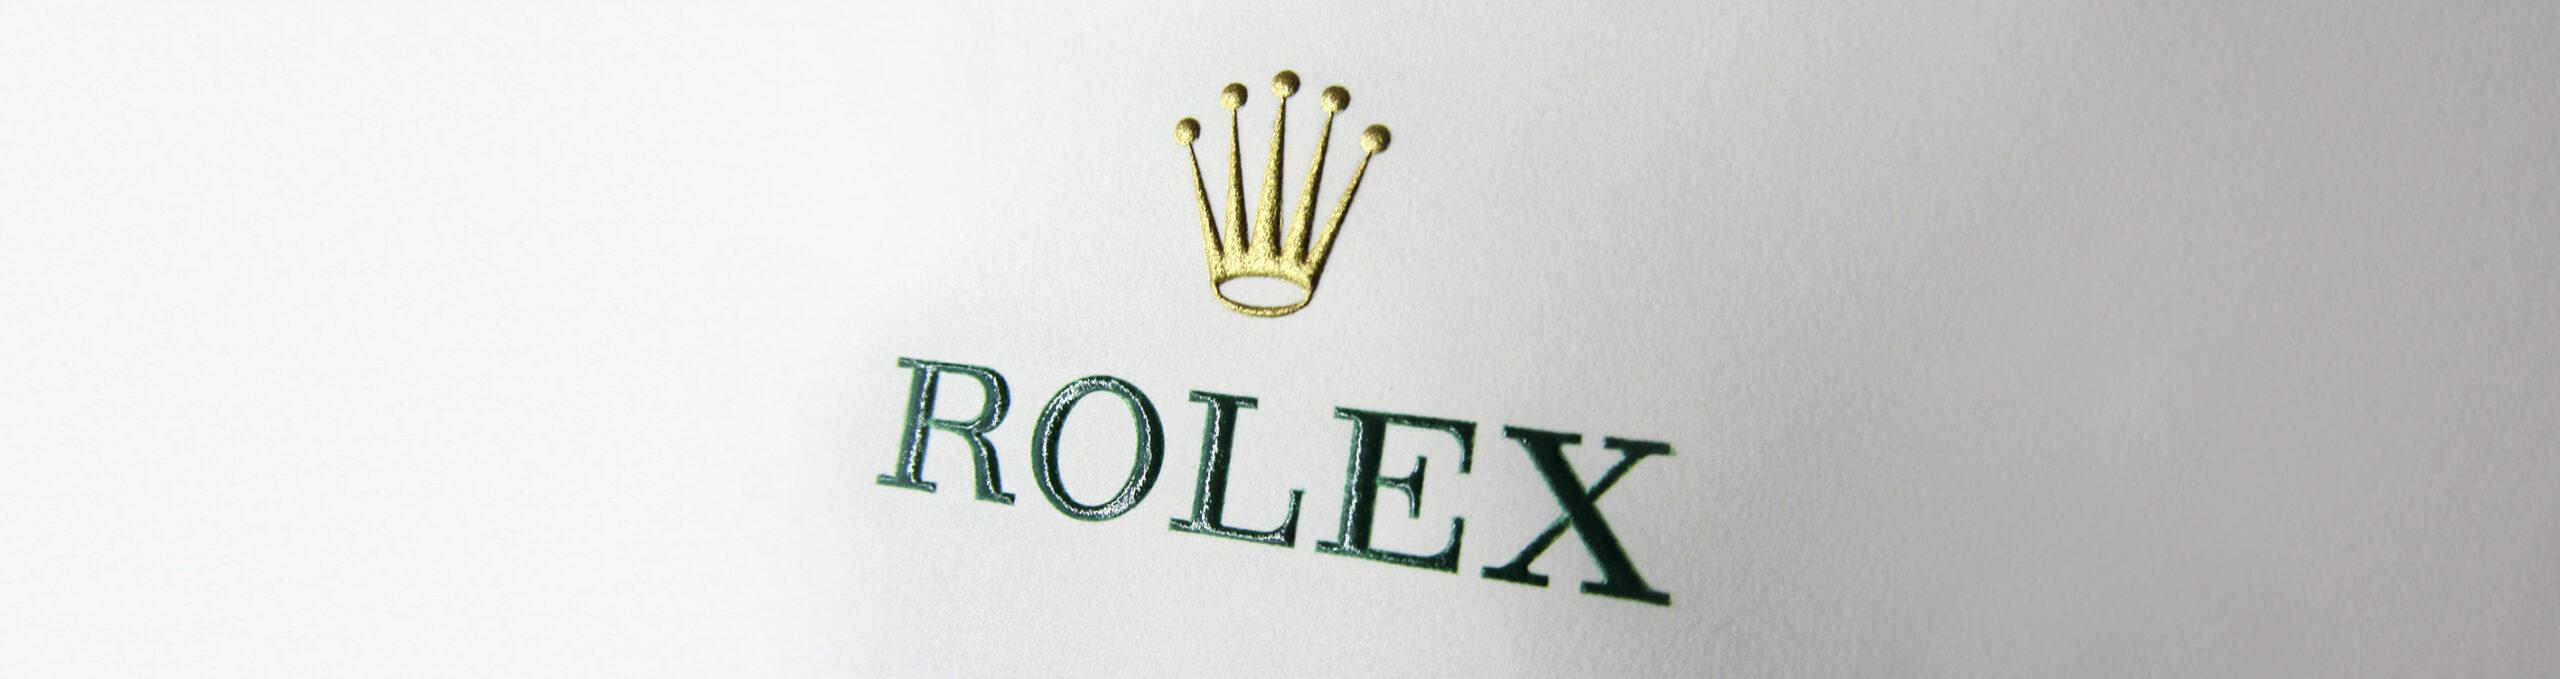 Stahlstich Rolex